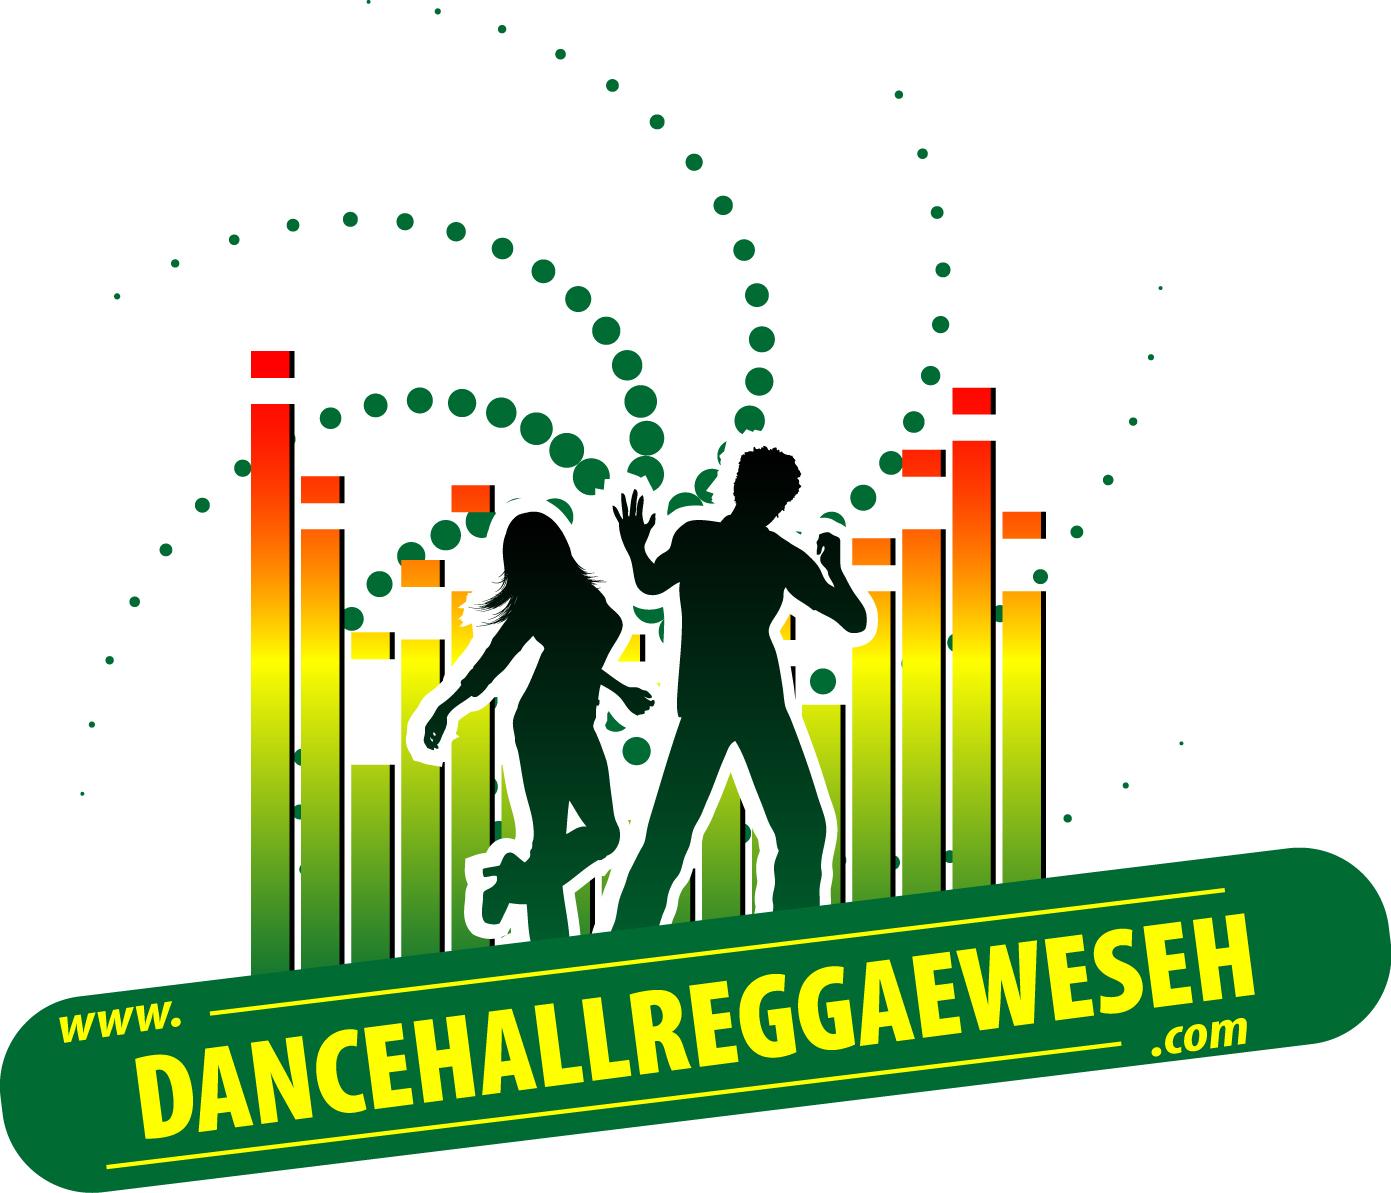 DANCEHALLREGGAEWESEH.COM